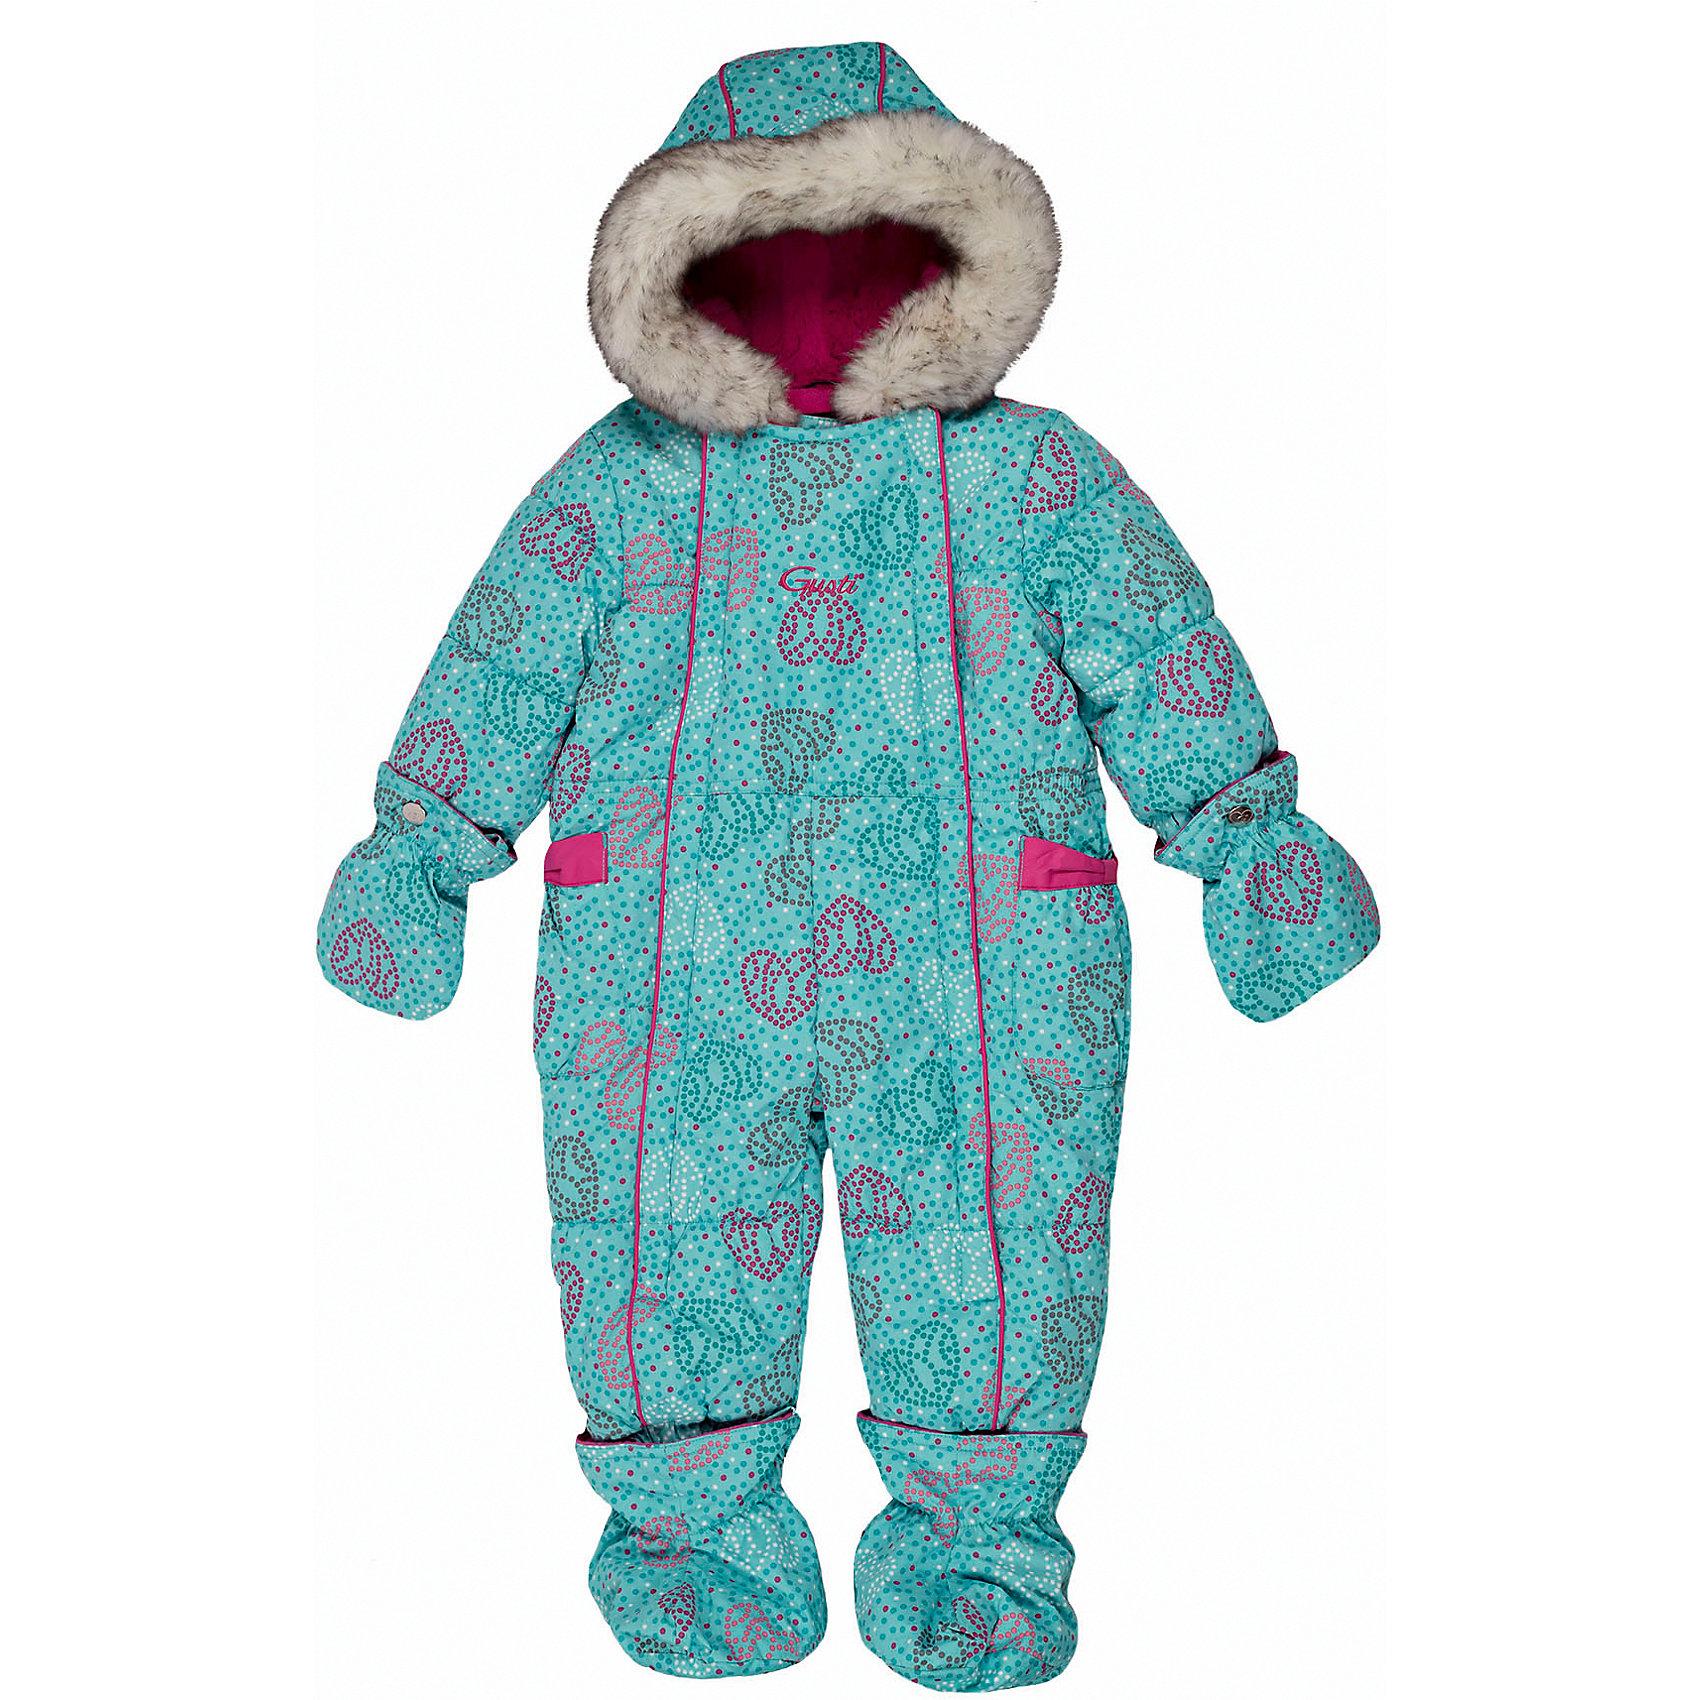 Комбинезон GUSTIВерхняя одежда<br>Комбинезон GUSTI (ГУСТИ) – это комфортный качественный комбинезон, который обеспечит надежную защиту Вашему малышу от холодов в зимний сезон.<br><br>Температурный режим: до -30  градусов. Степень утепления – высокая. <br><br>* Температурный режим указан приблизительно — необходимо, прежде всего, ориентироваться на ощущения ребенка. Температурный режим работает в случае соблюдения правила многослойности – использования флисовой поддевы и термобелья.<br><br>Зимний комбинезон для девочки от GUSTI (ГУСТИ) выполнен из плотного непромокаемого материала с защитной от влаги мембраной 5000 мм. Тань хорошо сохраняет тепло, отталкивает влагу и позволяет коже ребенка дышать. Утеплитель из тек-полифилла и флисовая внутренняя отделка дают возможность использовать комбинезон при очень низких температурах. Наличие двух молний облегчает одевание и раздевание ребенка. Несъемный капюшон изнутри отделан искусственным мехом. В комплекте отстегивающиеся варежки и пинетки. Особую нарядность комбинезону придают опушка на капюшоне, вышивка с монограммой Gusti на груди и яркие бантики пришитые на карманах. Цельный зимний комбинезон от GUSTI (ГУСТИ) не ограничивает движений и идеально защищает от ветра, холода и низких температур. Модель подходит для прогулок на морозе до -30 градусов. <br><br>Дополнительная информация:<br><br>- Сезон: зима<br>- Температурный режим до -30 градусов<br>- Цвет: бирюзовый<br>- Материал верха: shuss 5000мм (100% полиэстер)<br>- Наполнитель: тек-полифилл плотностью 283 гр/м (10 унций) 100% полиэстер<br>- Подкладка: флис (100% полиэстер)<br>- 2 молнии и фурнитура YKK<br>- Светоотражающие элементы 3М Scotchlite<br>- Пинетки и рукавички отстегиваются<br>- Уход: машинная стирка, легкие загрязнения можно смыть губкой без стирки<br><br>Комбинезон GUSTI (ГУСТИ) можно купить в нашем интернет-магазине.<br><br>Ширина мм: 356<br>Глубина мм: 10<br>Высота мм: 245<br>Вес г: 519<br>Цвет: синий<br>Возраст от месяцев: 3<br>Возраст до месяцев: 6<br>